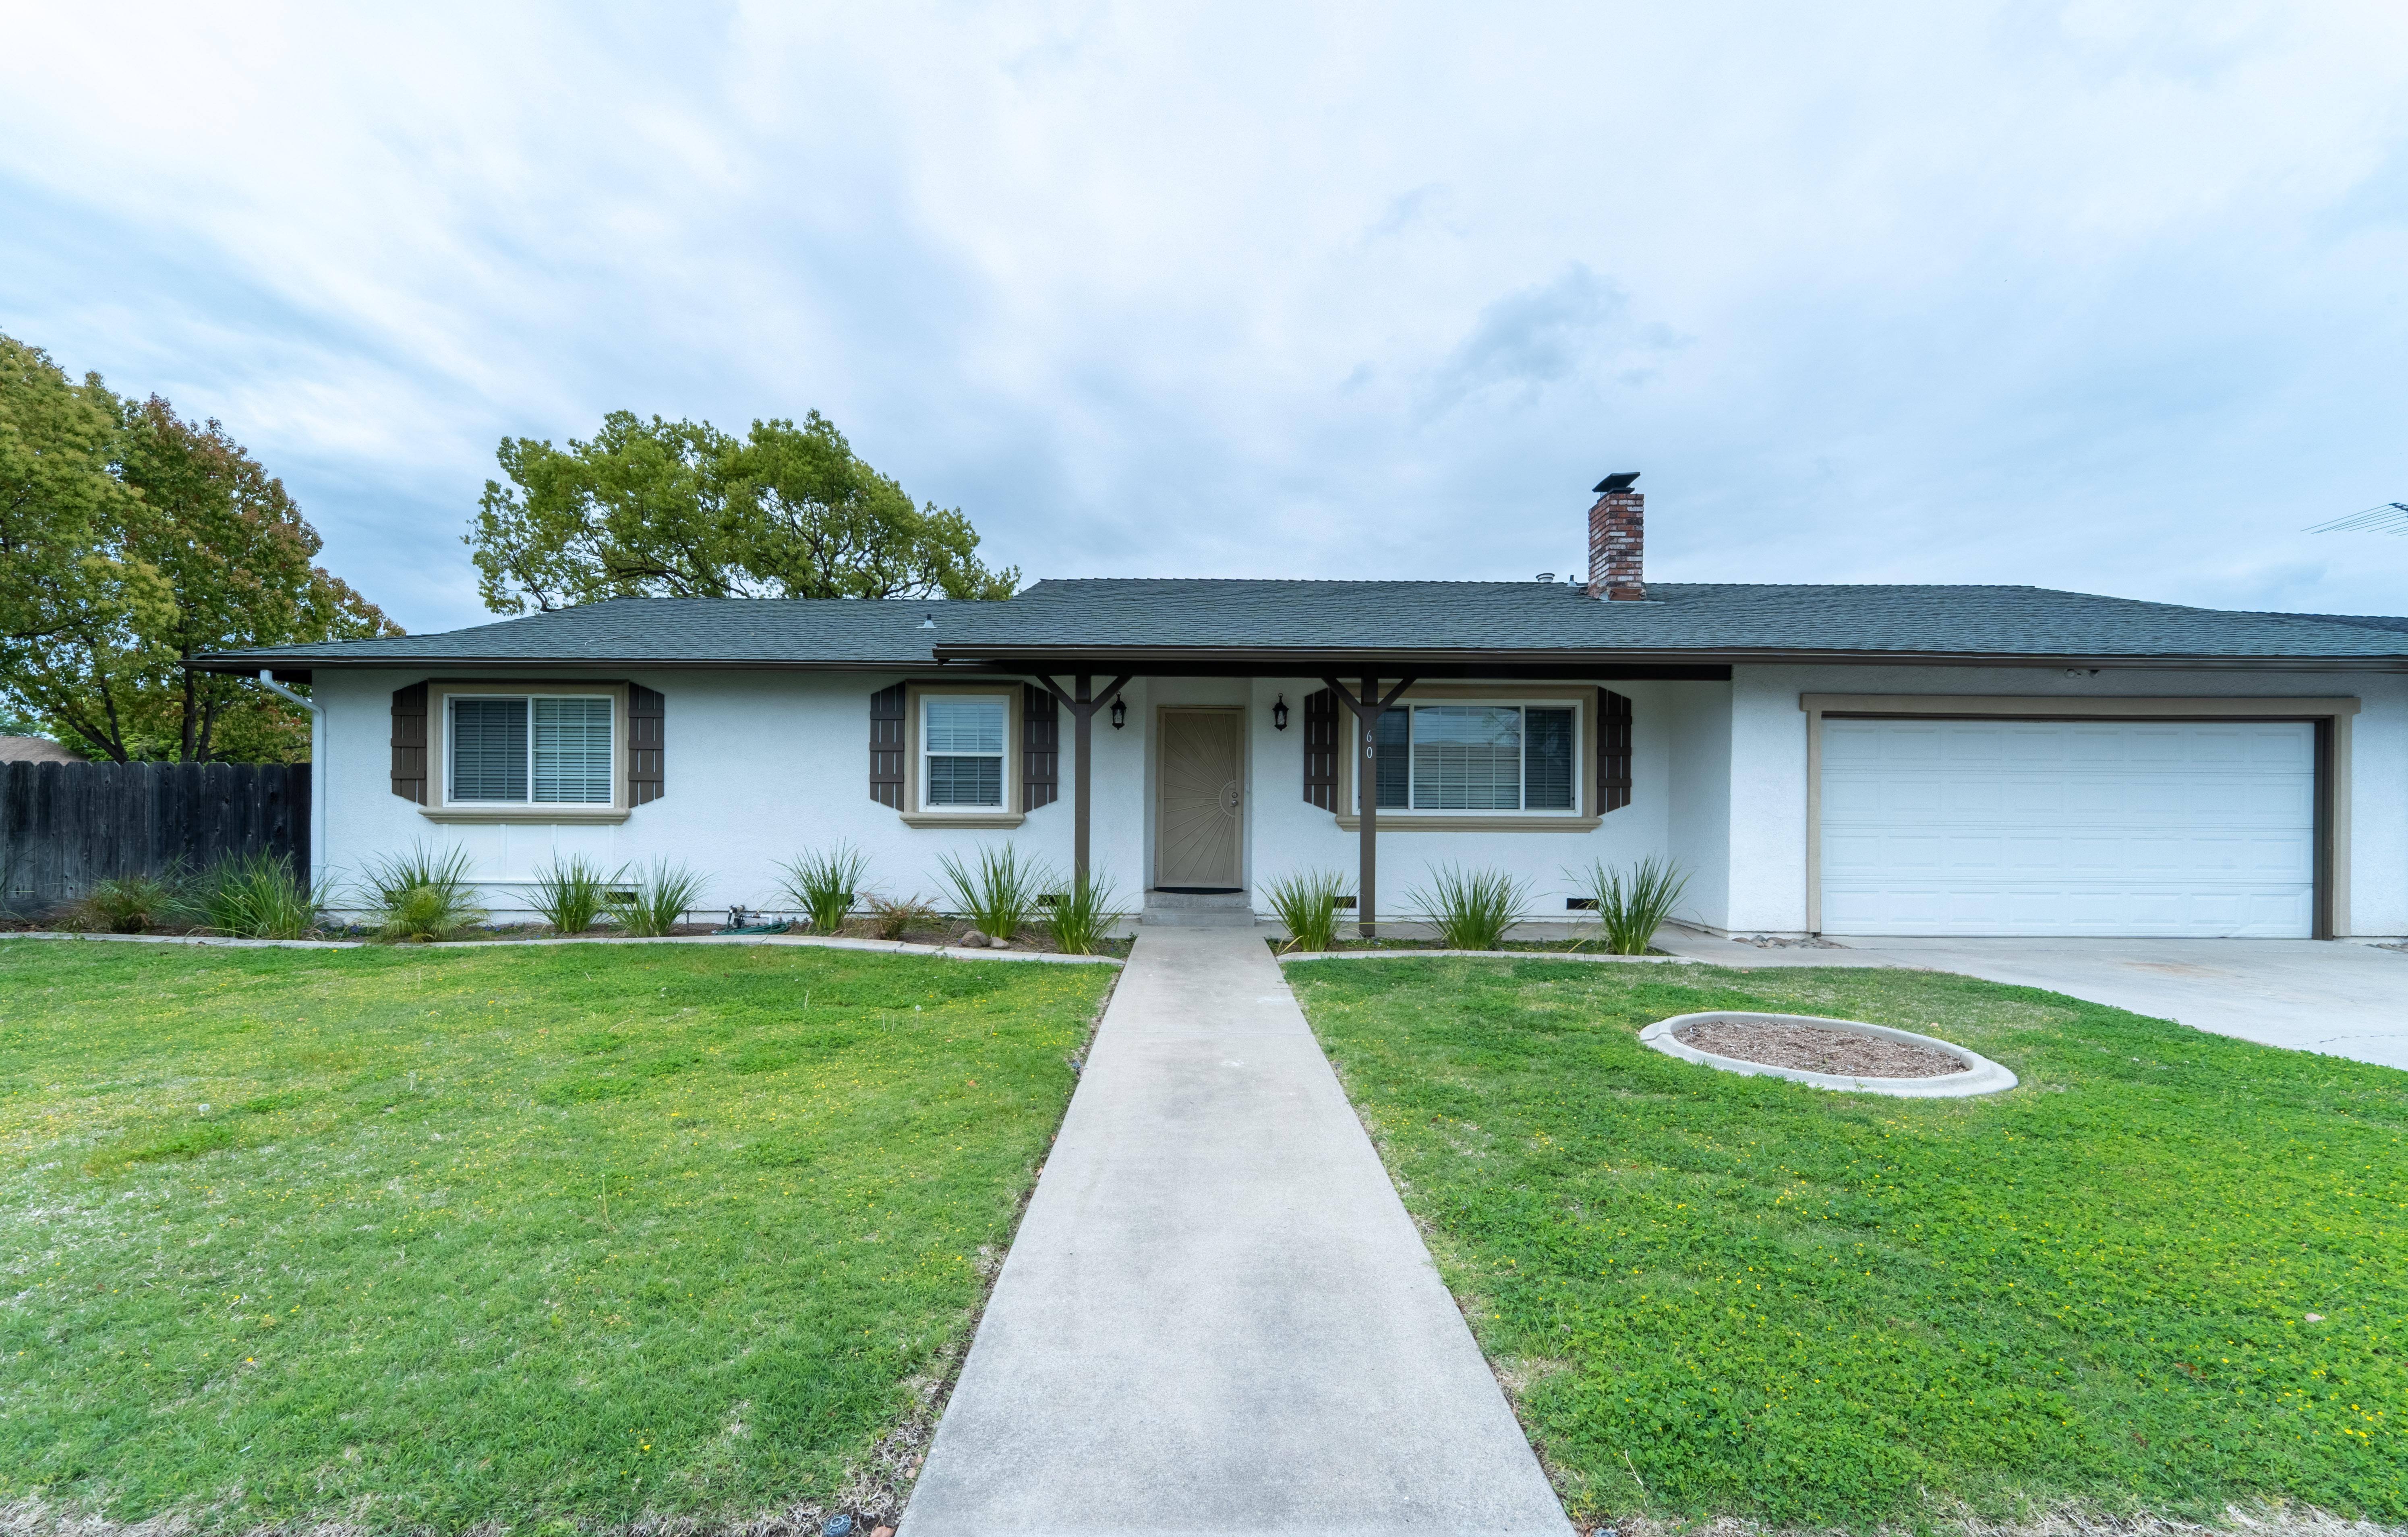 60 Willow Glen St Oakdale, CA 95361